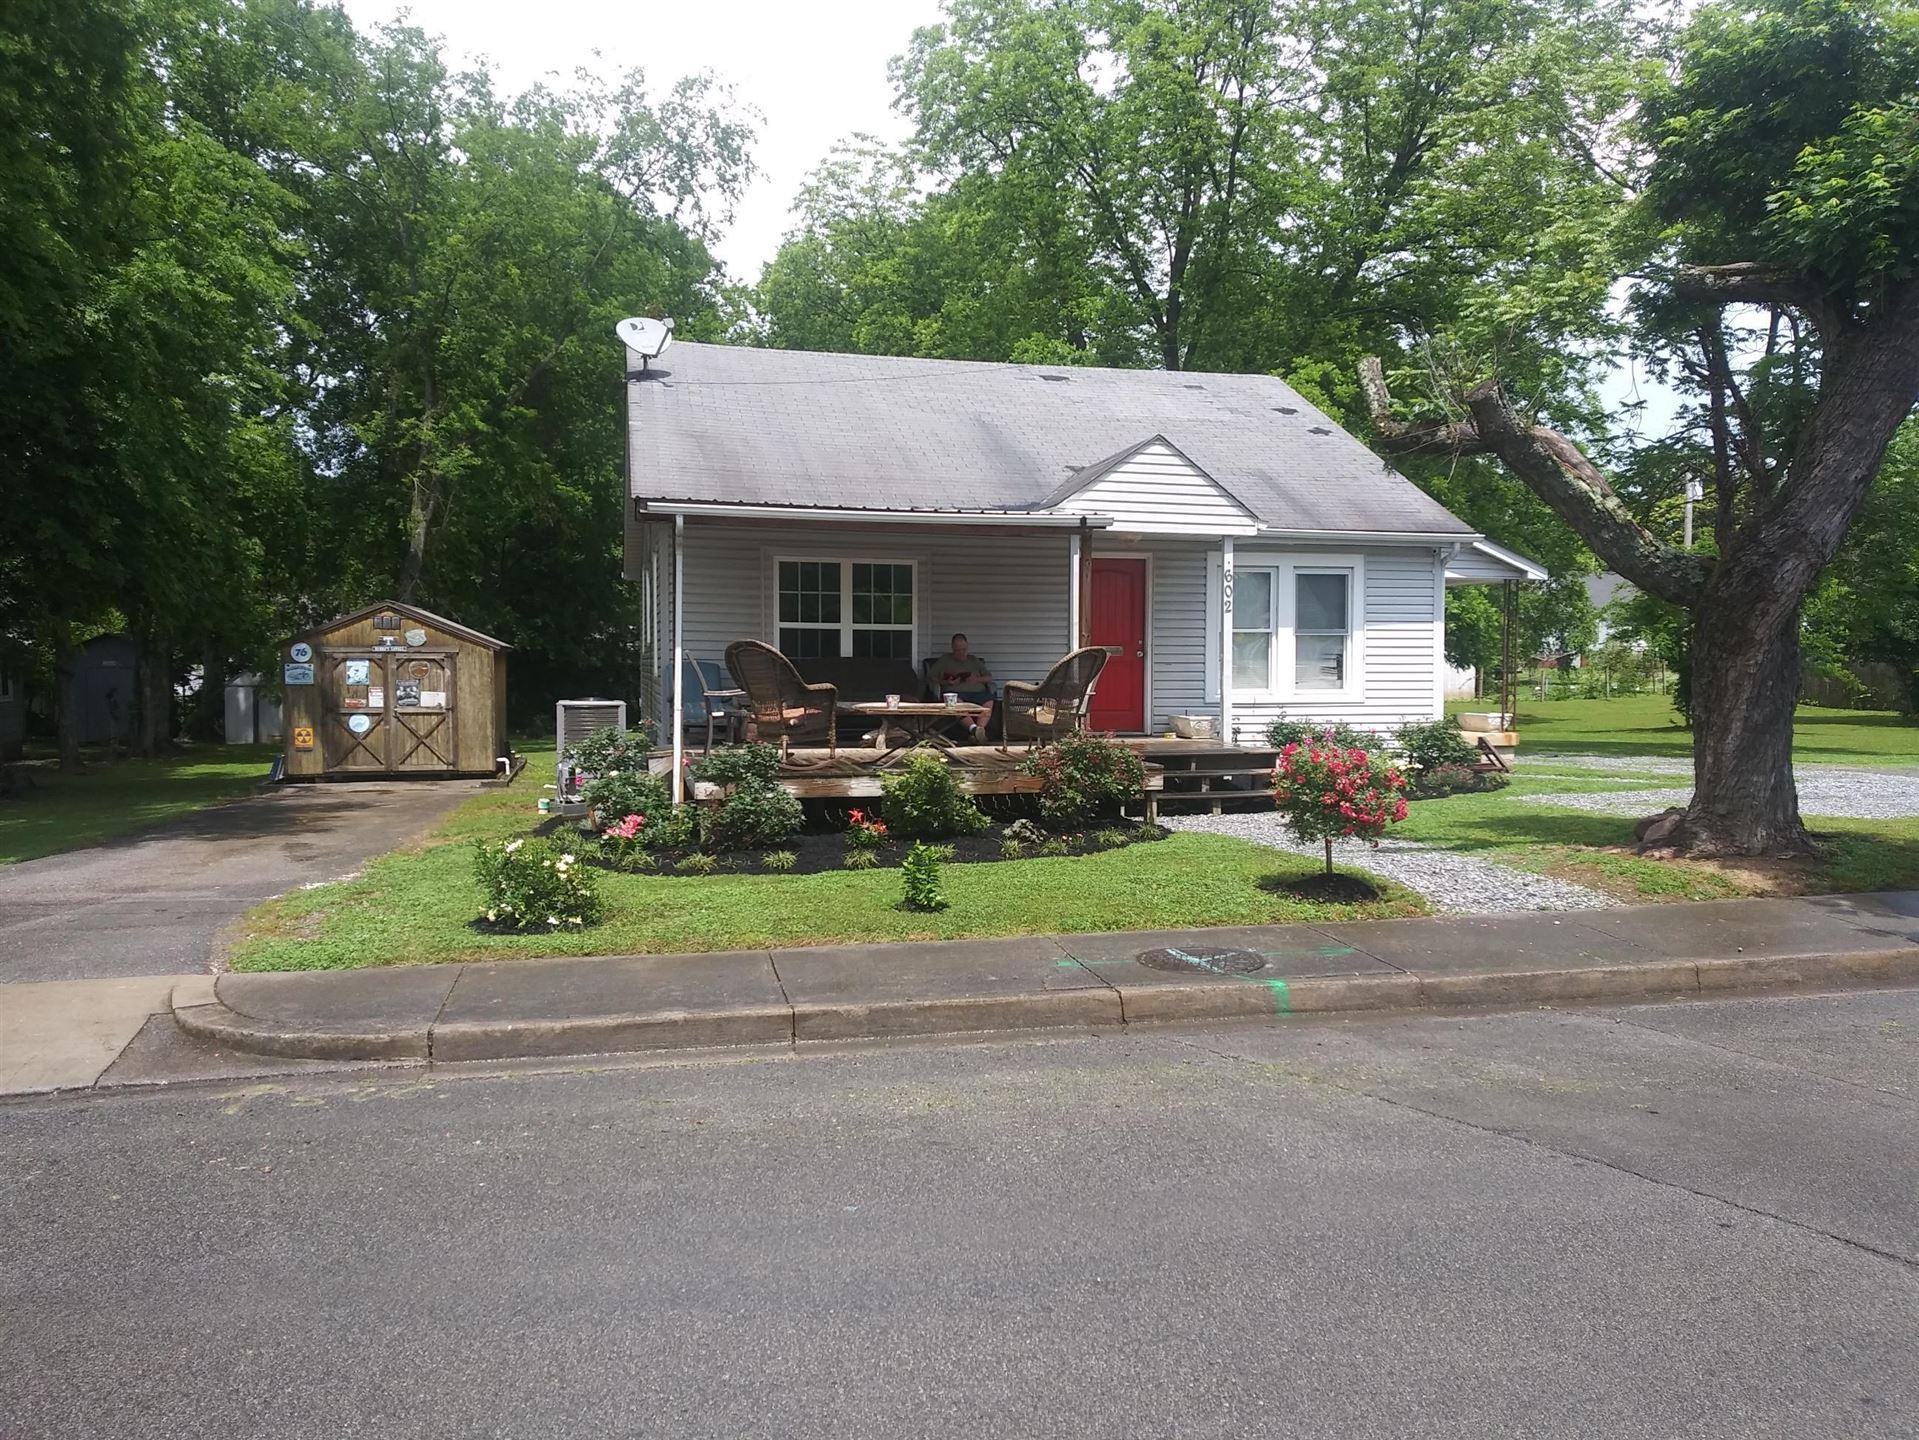 Photo of 602 Rule St, Maryville, TN 37804 (MLS # 1166652)